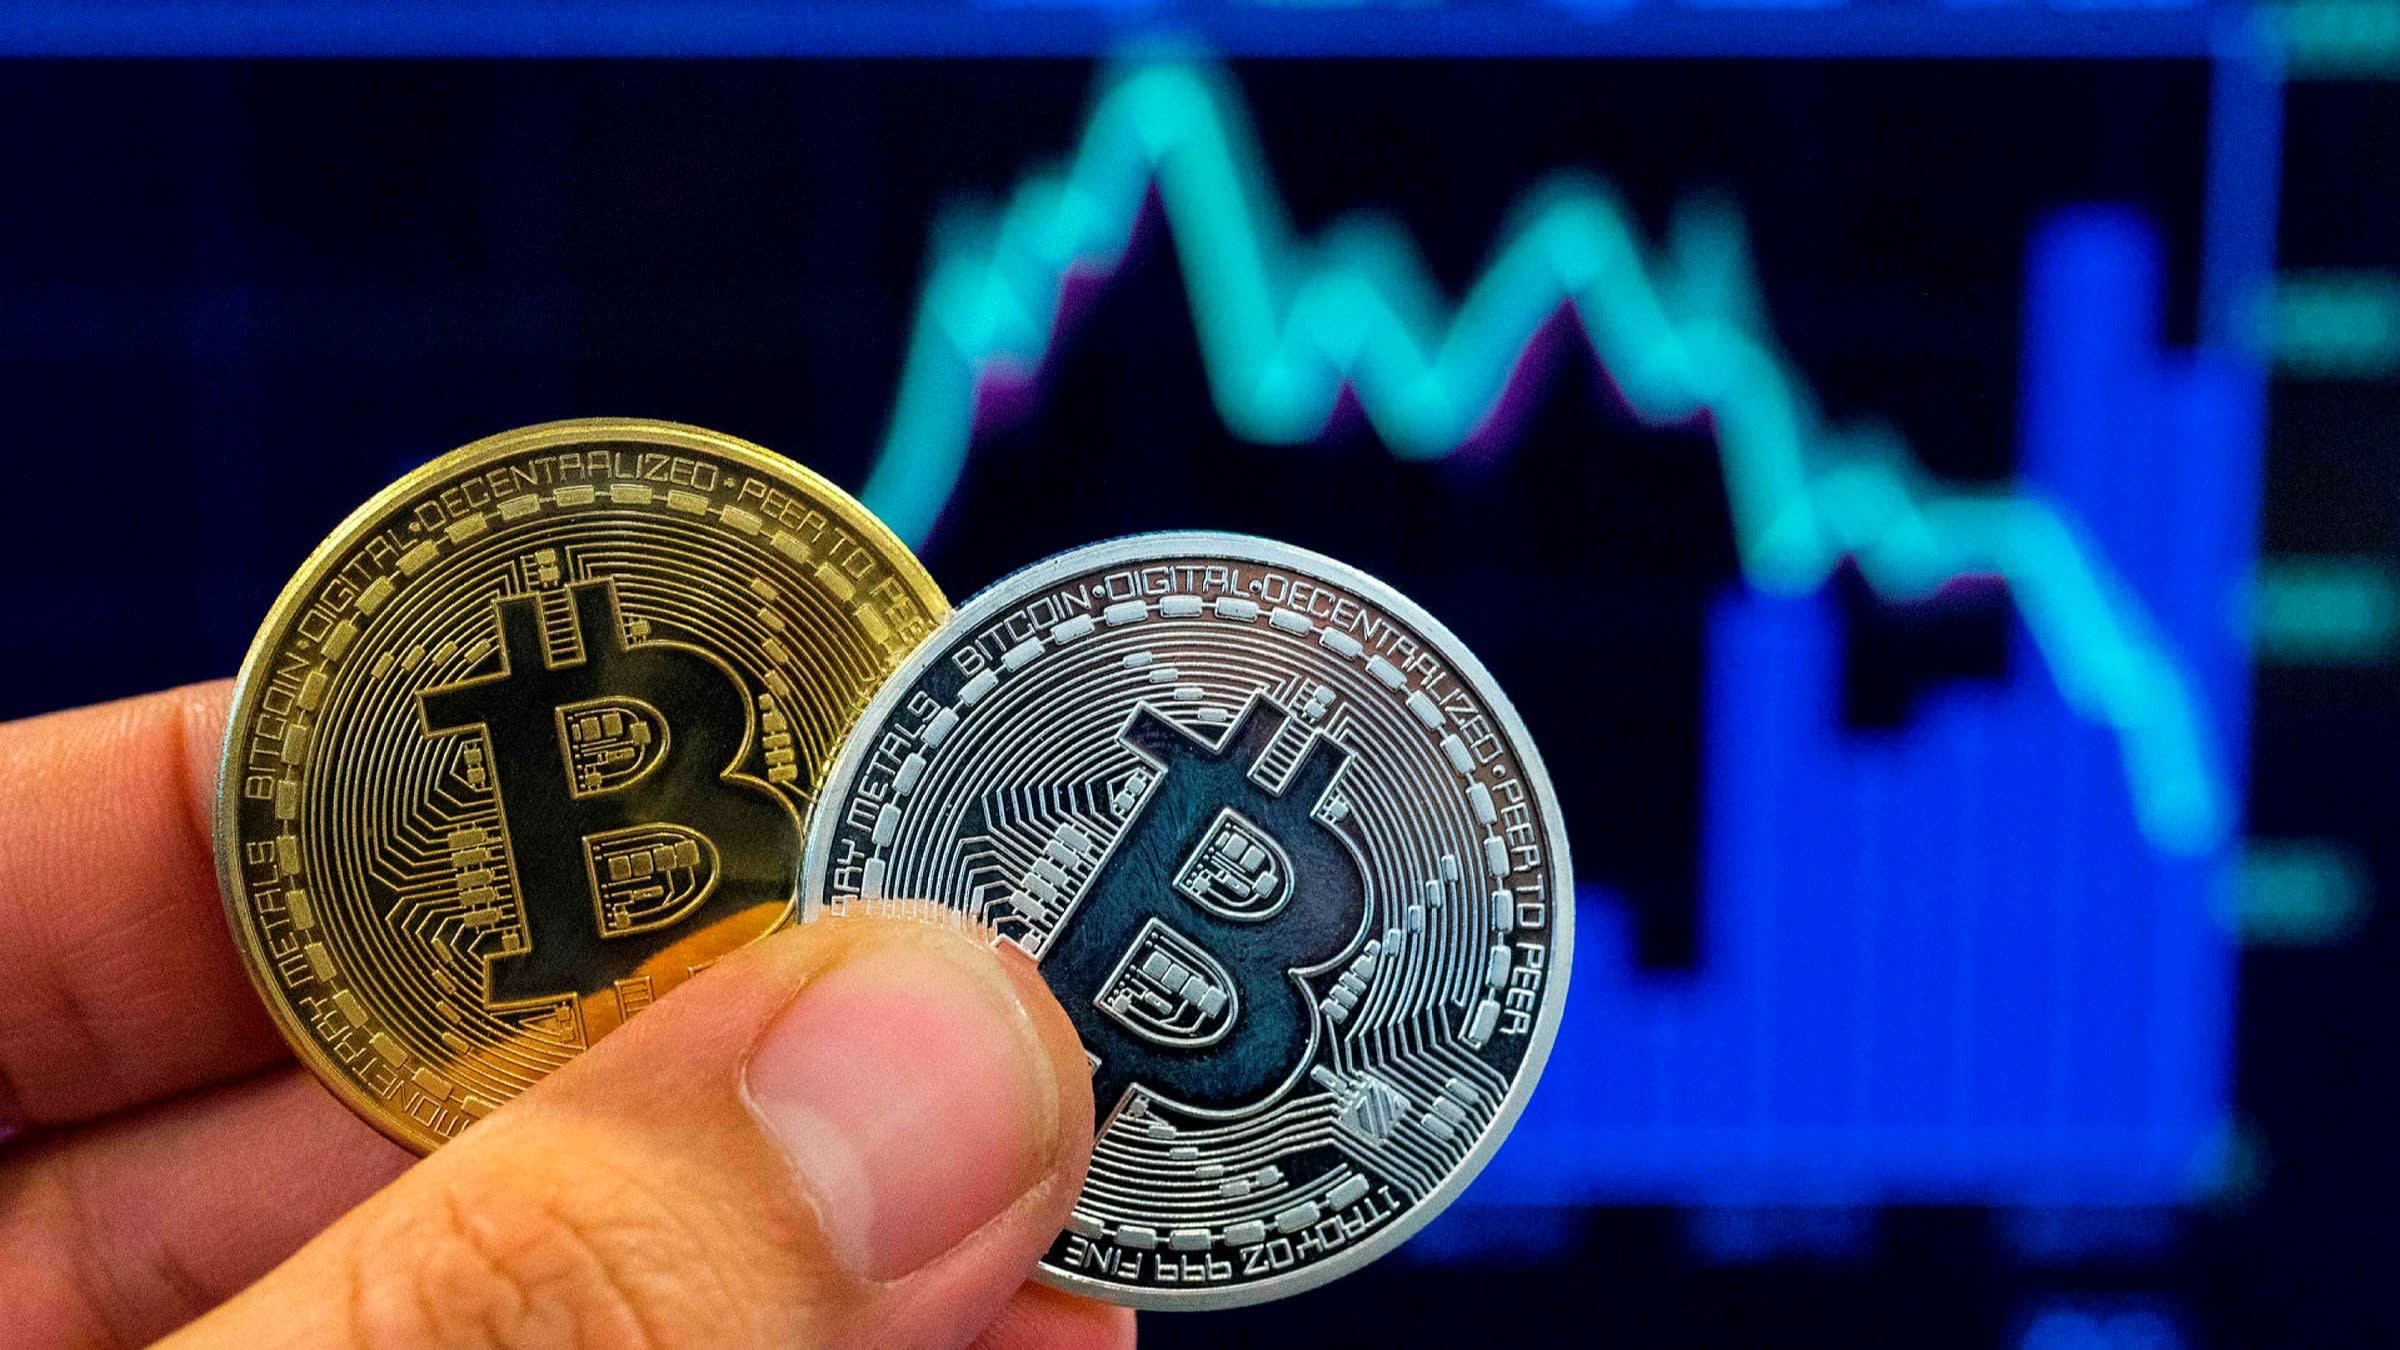 Công nghệ đào bitcoin là gì? Và những điều bạn cần biết về bitcoin - CÔNG  TY TNHH GIẢI PHÁP WIN ERP